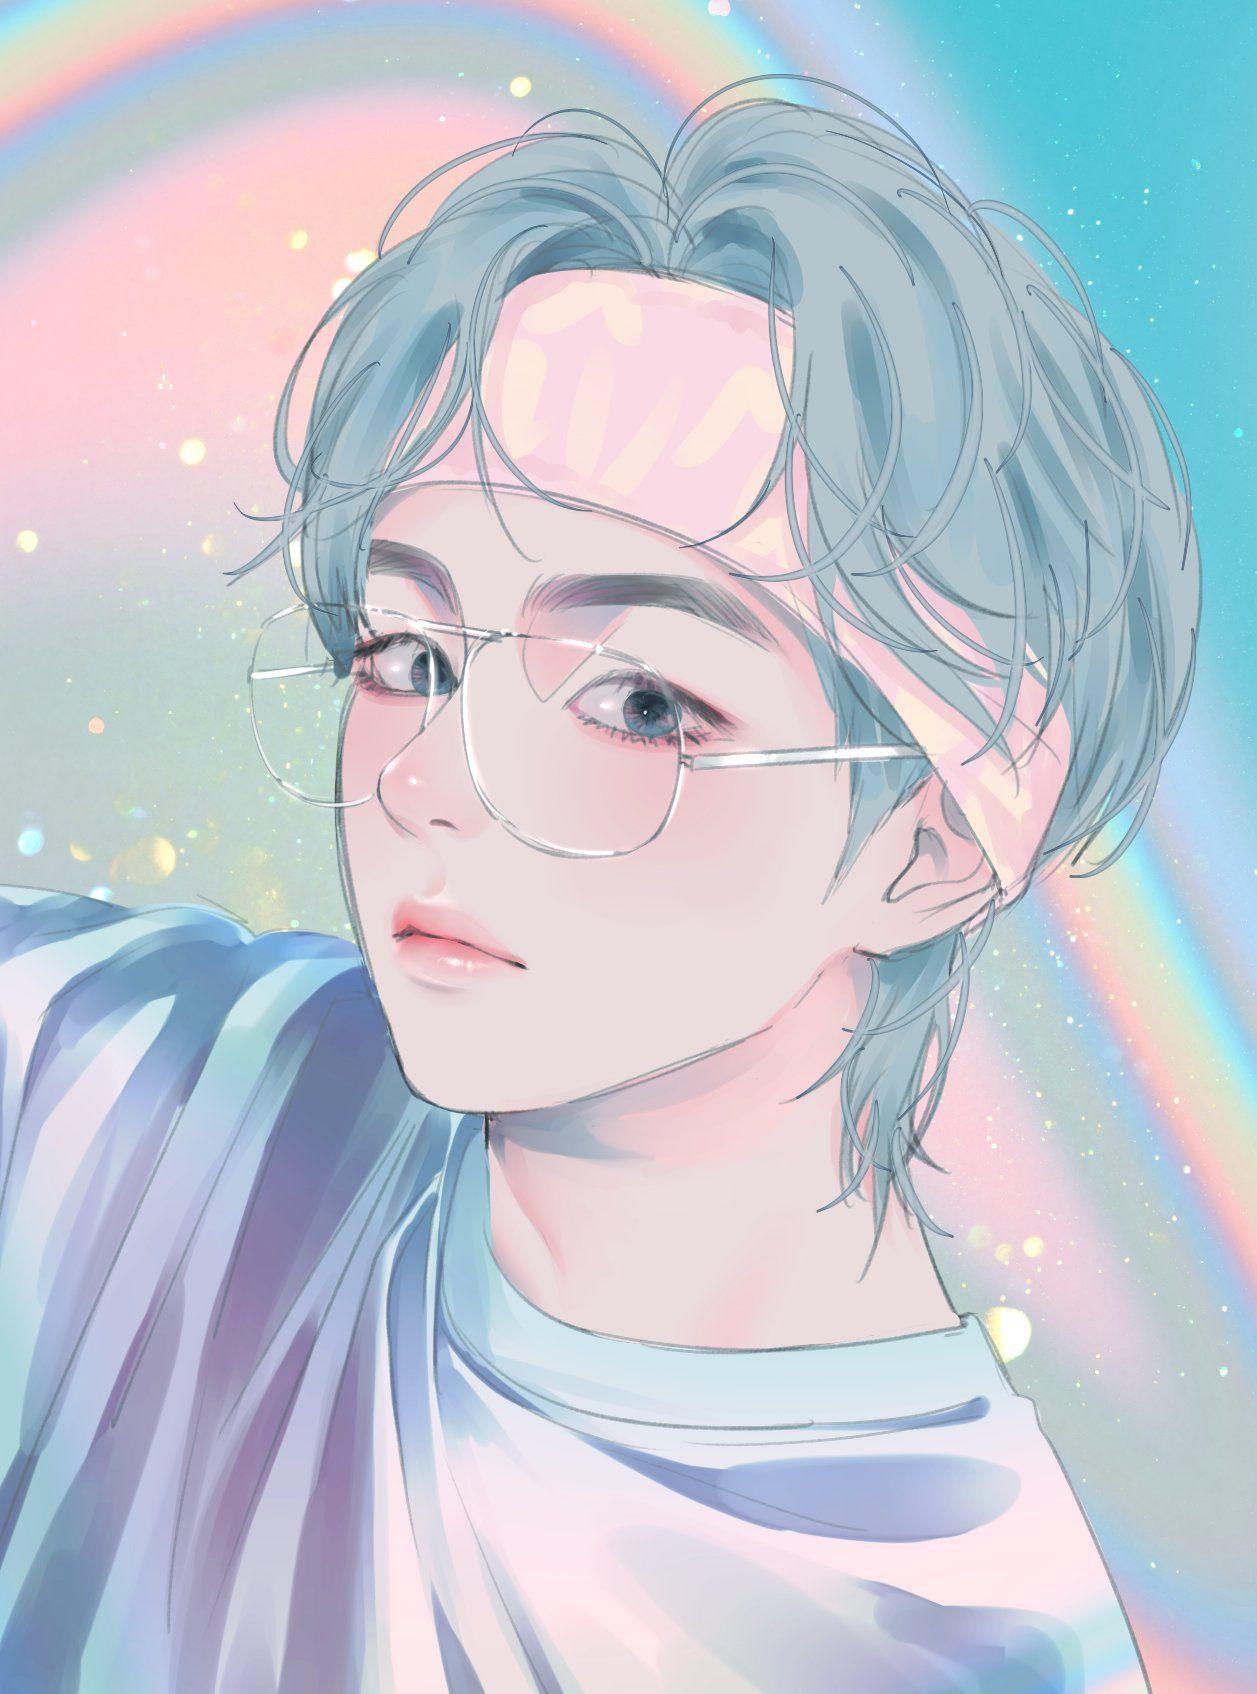 Pin By Golden Age On Tae Tae S Fan Art In 2020 Taehyung Fanart Bts Fanart Jungkook Fanart